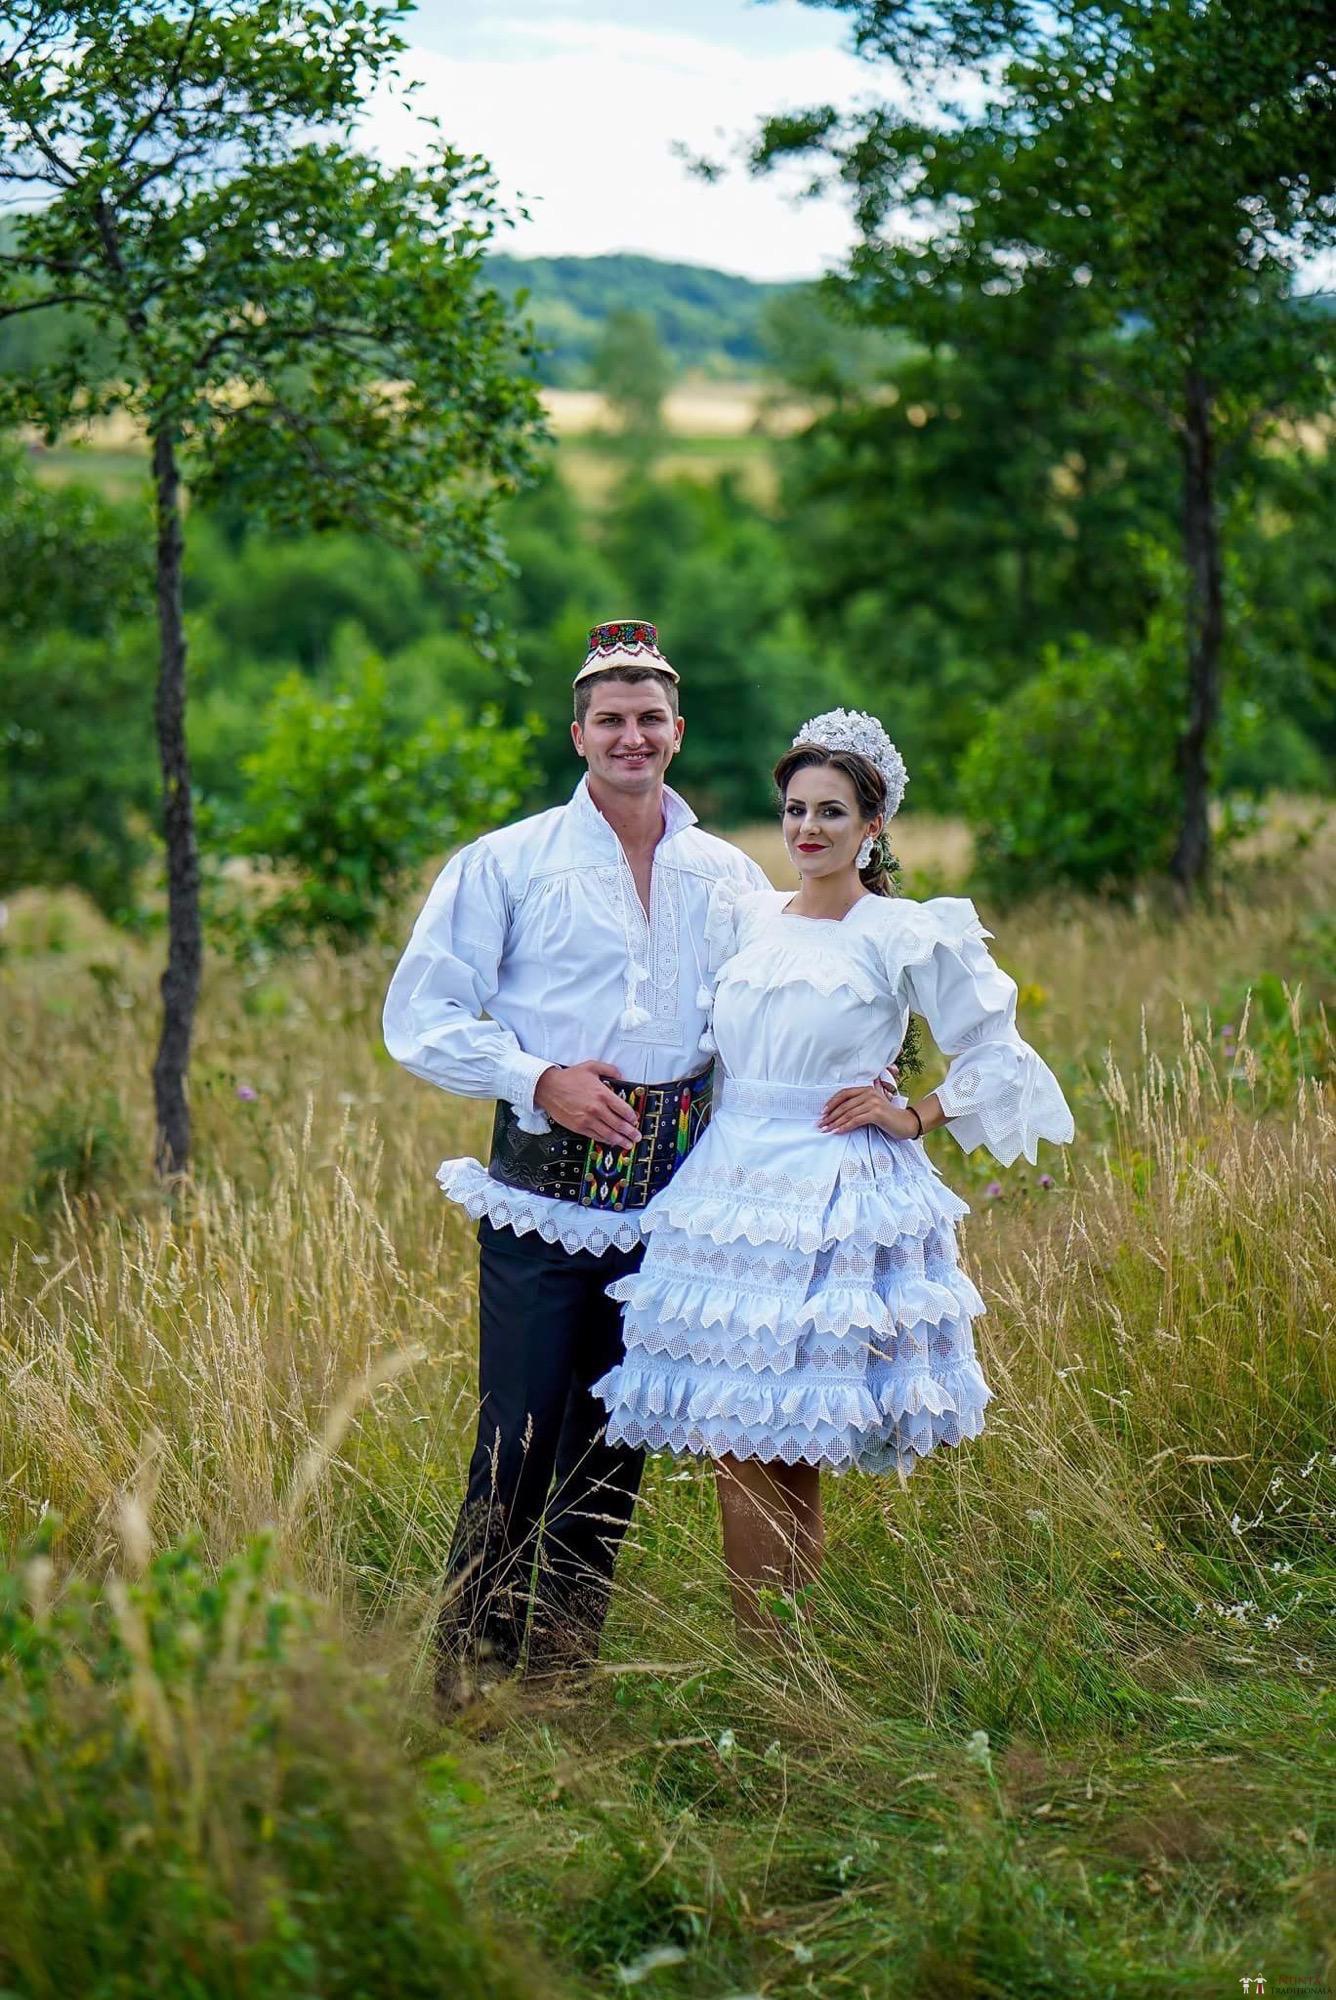 Povești Nunți Tradiționale - Florentina Vlad și Lemnean Ionuț. Cununie tradițională în Baia Mare 29